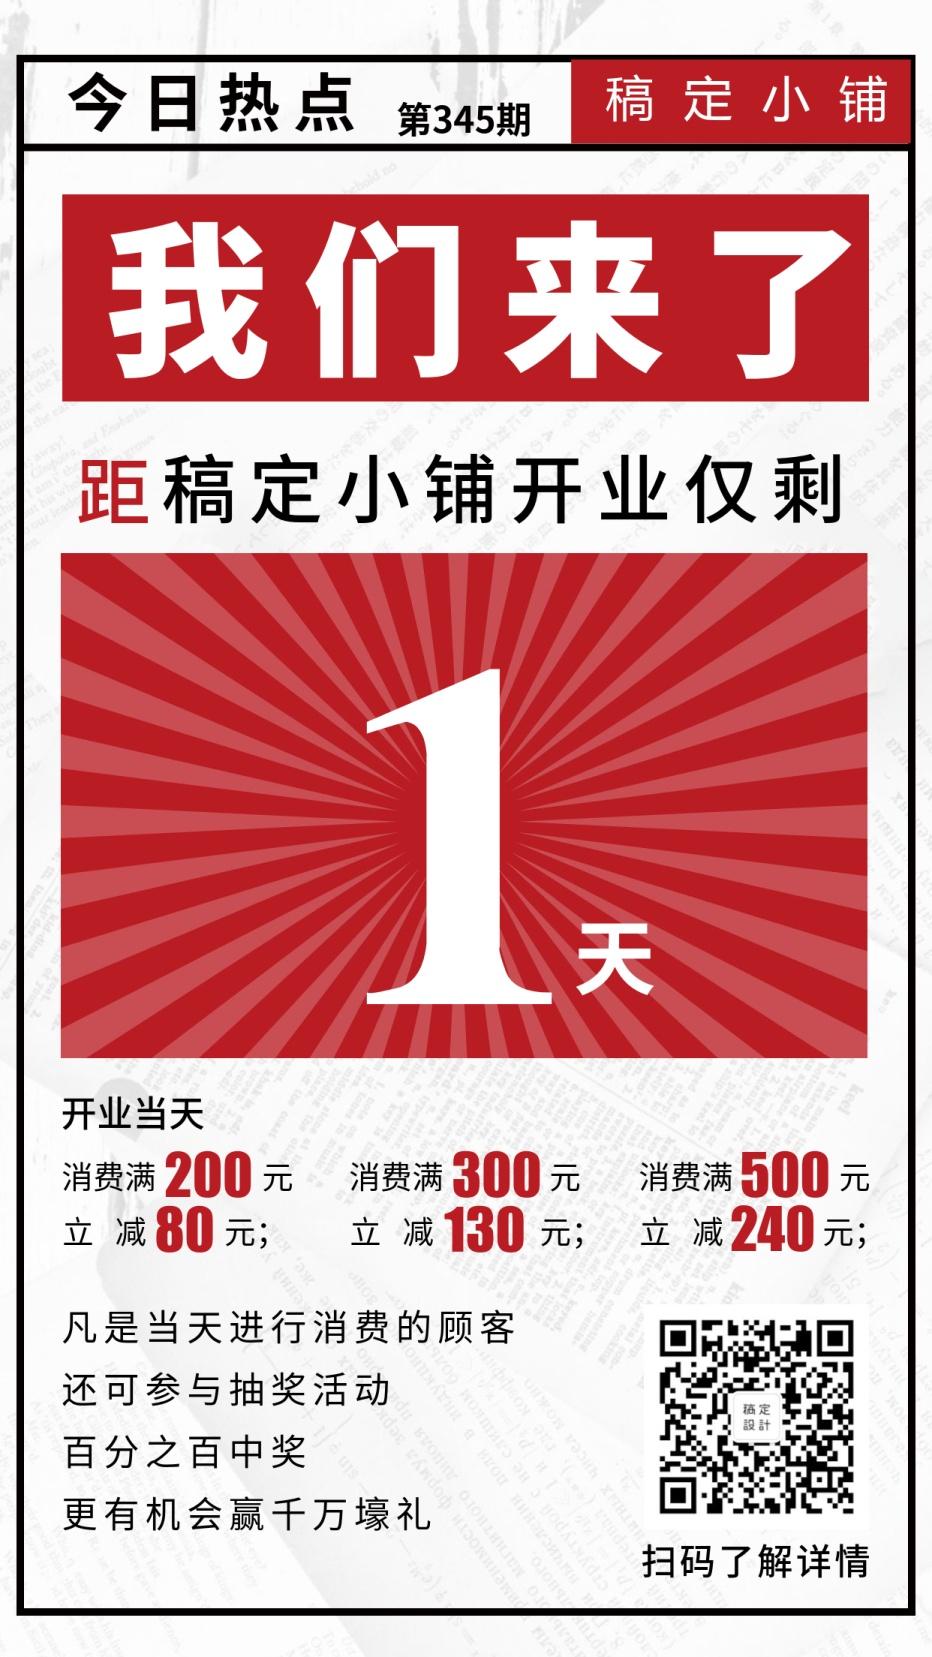 双十一/简约喜庆/开业倒计时/手机海报